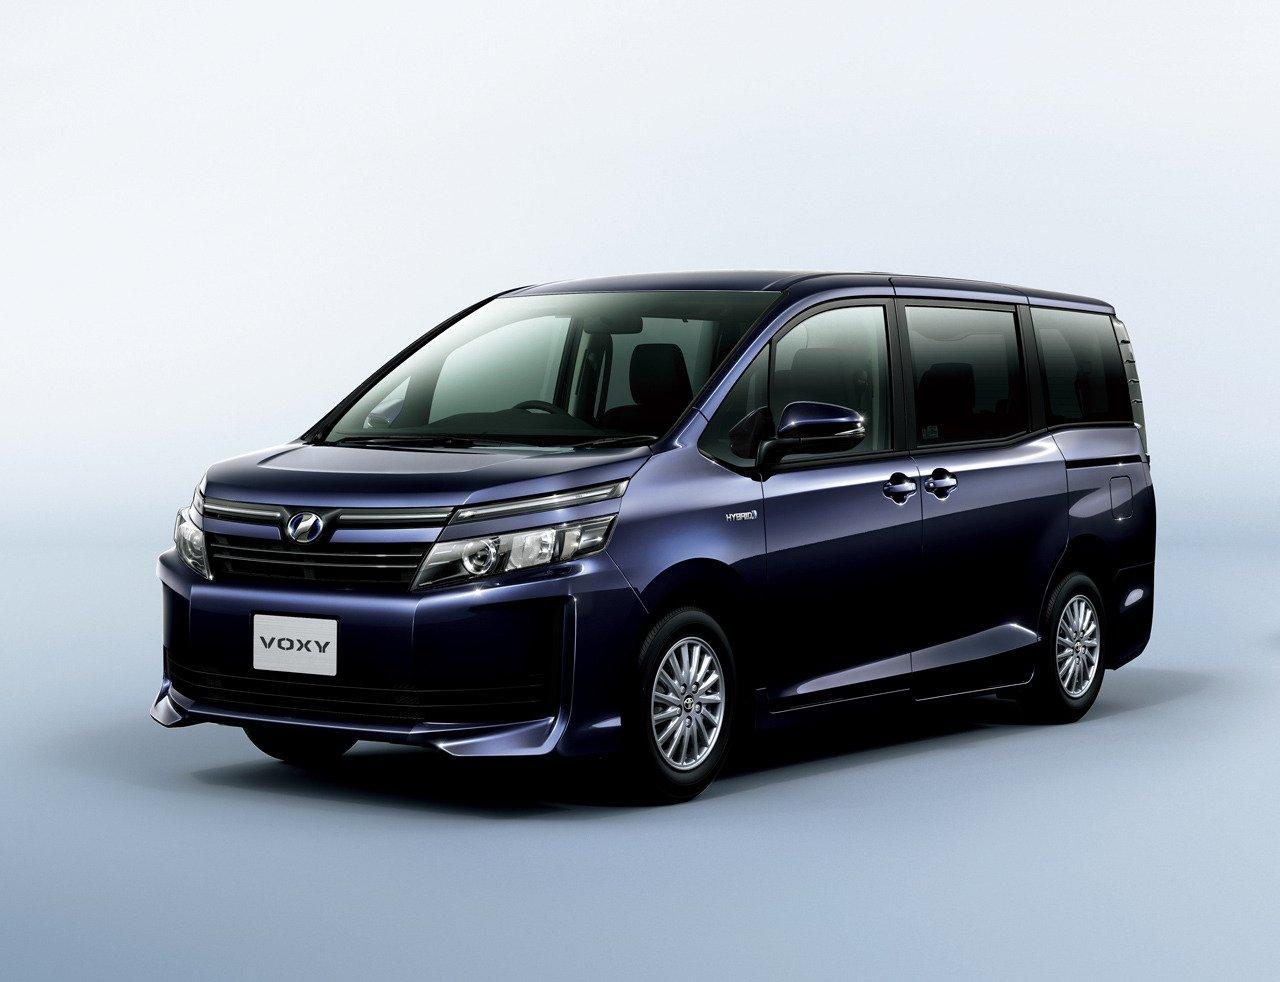 2014 Toyota Noah And Voxy 1 8l Hybrid 23 8 Km L Paul